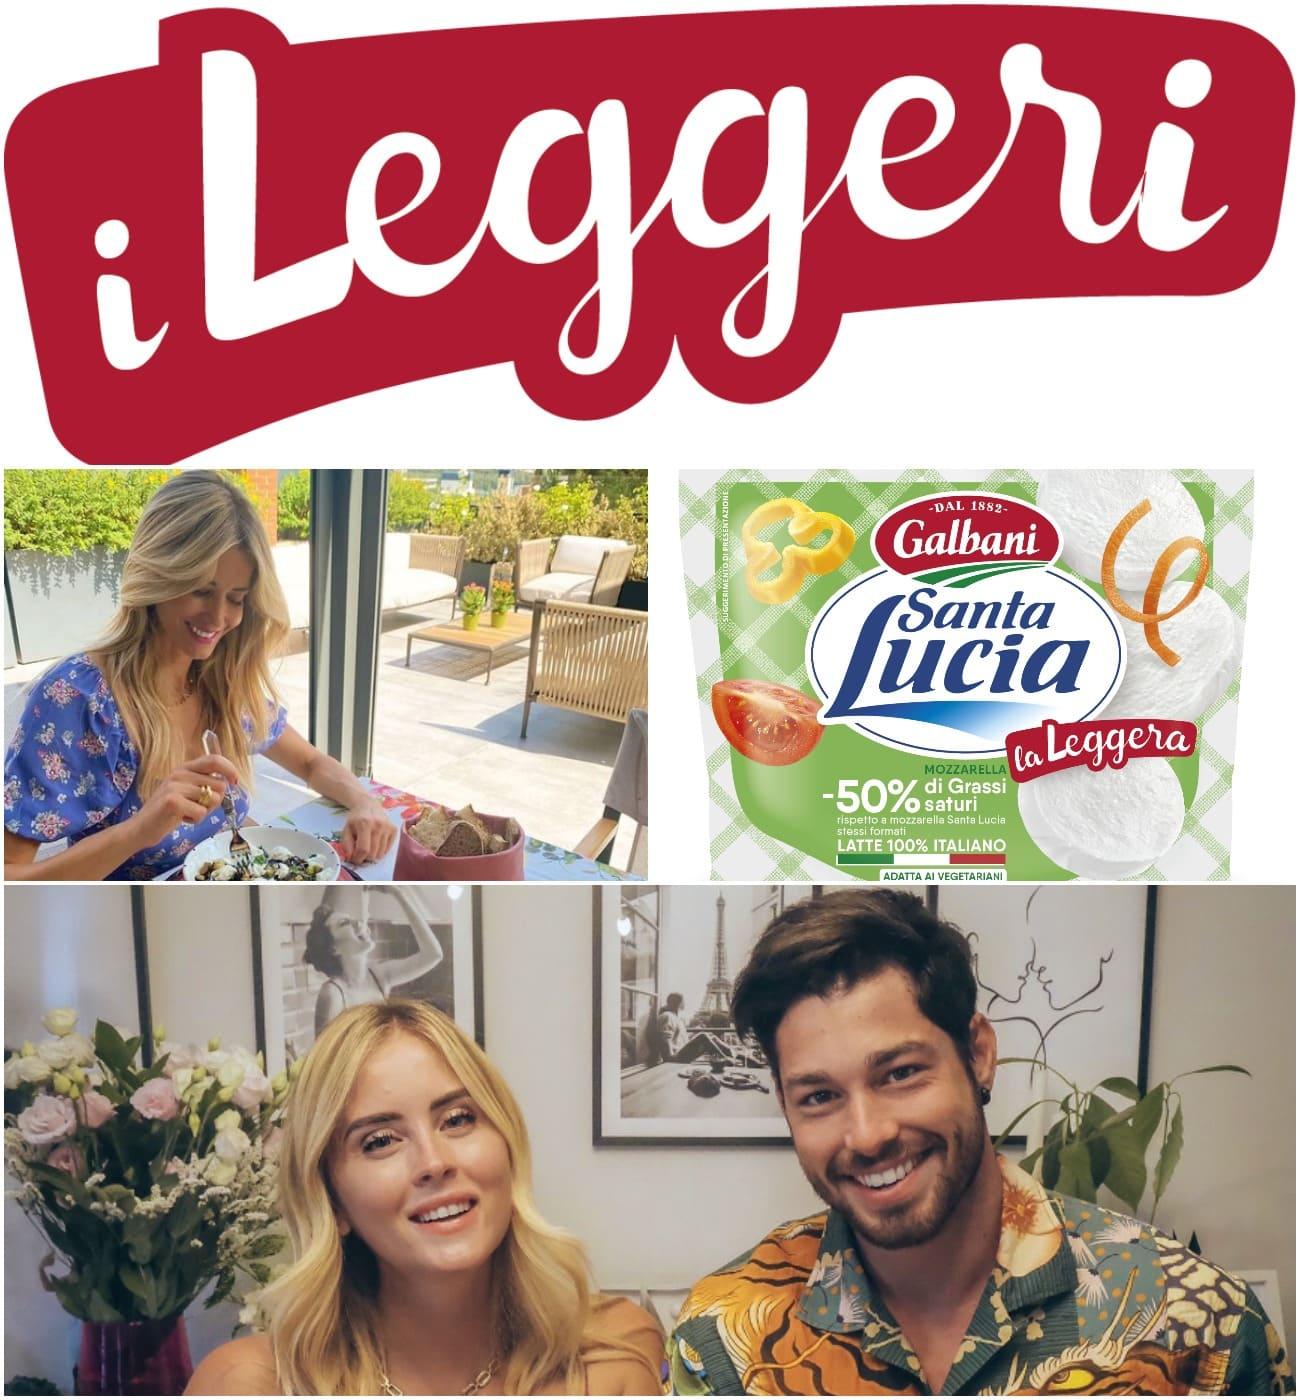 Galbani rilancia la gamma 'i Leggeri' con una campagna di influencer marketing